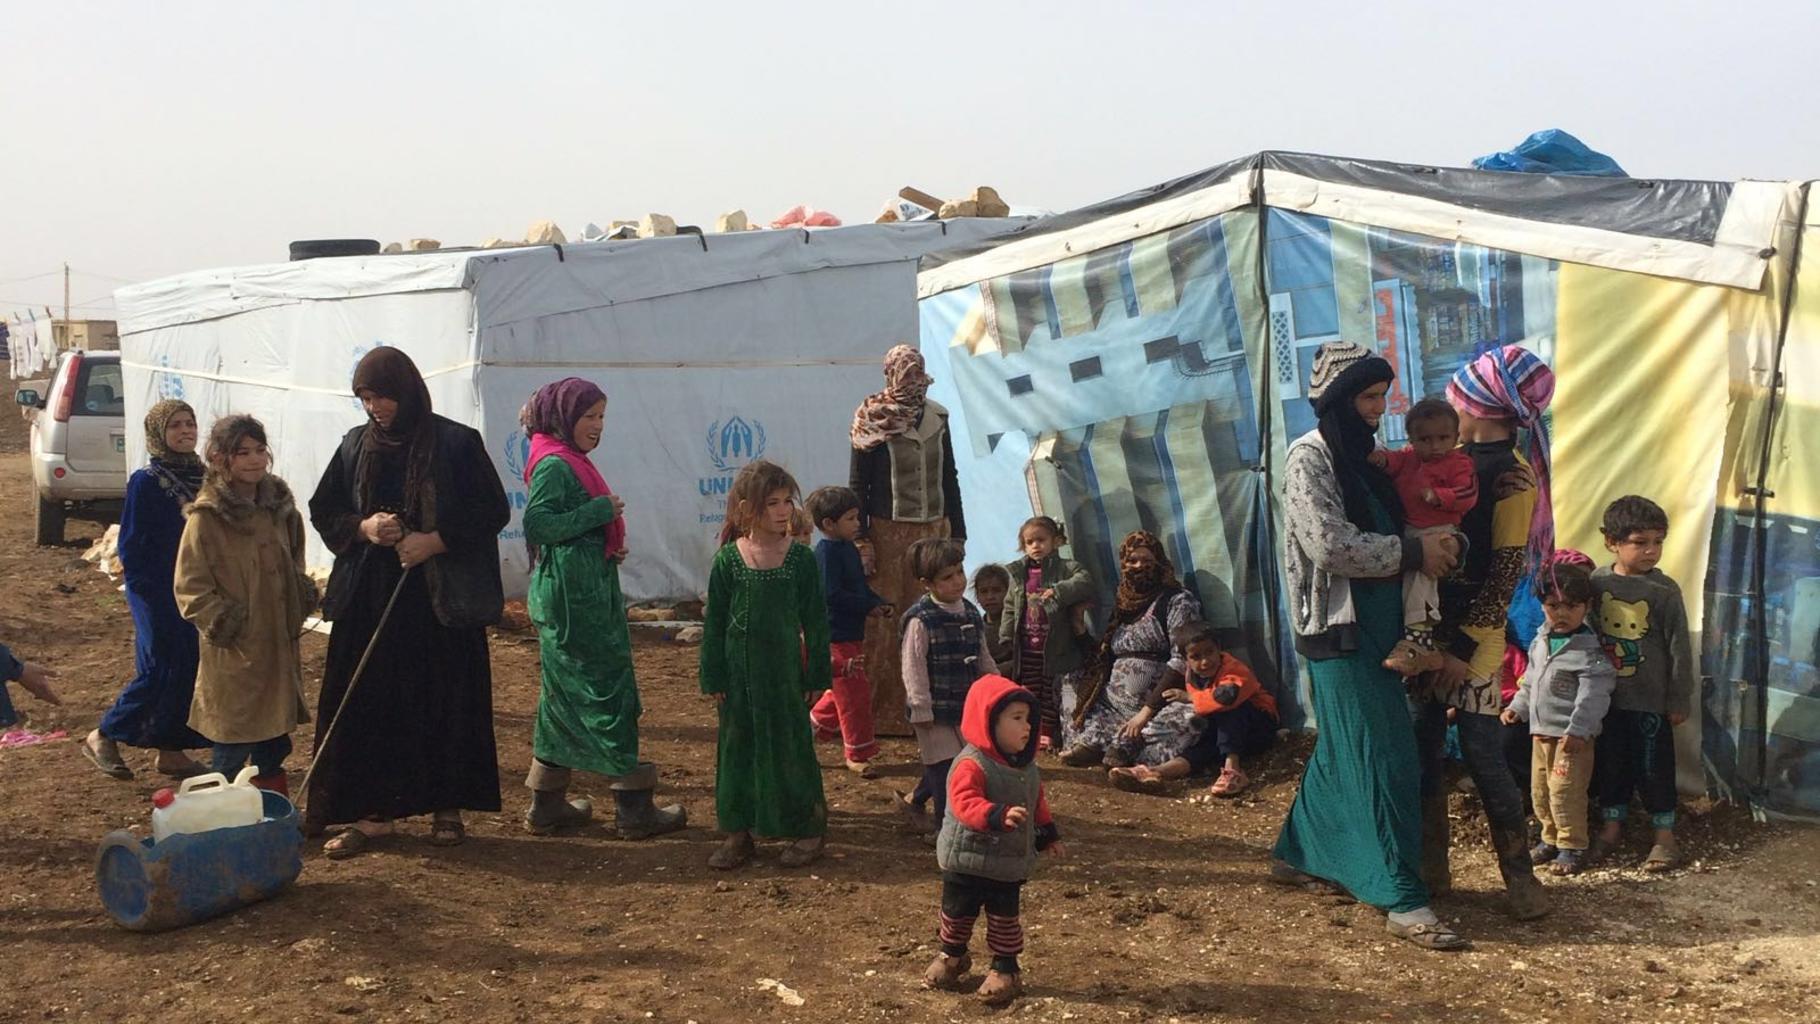 Eine Gruppe von Frauen und Kindern vor Zelten